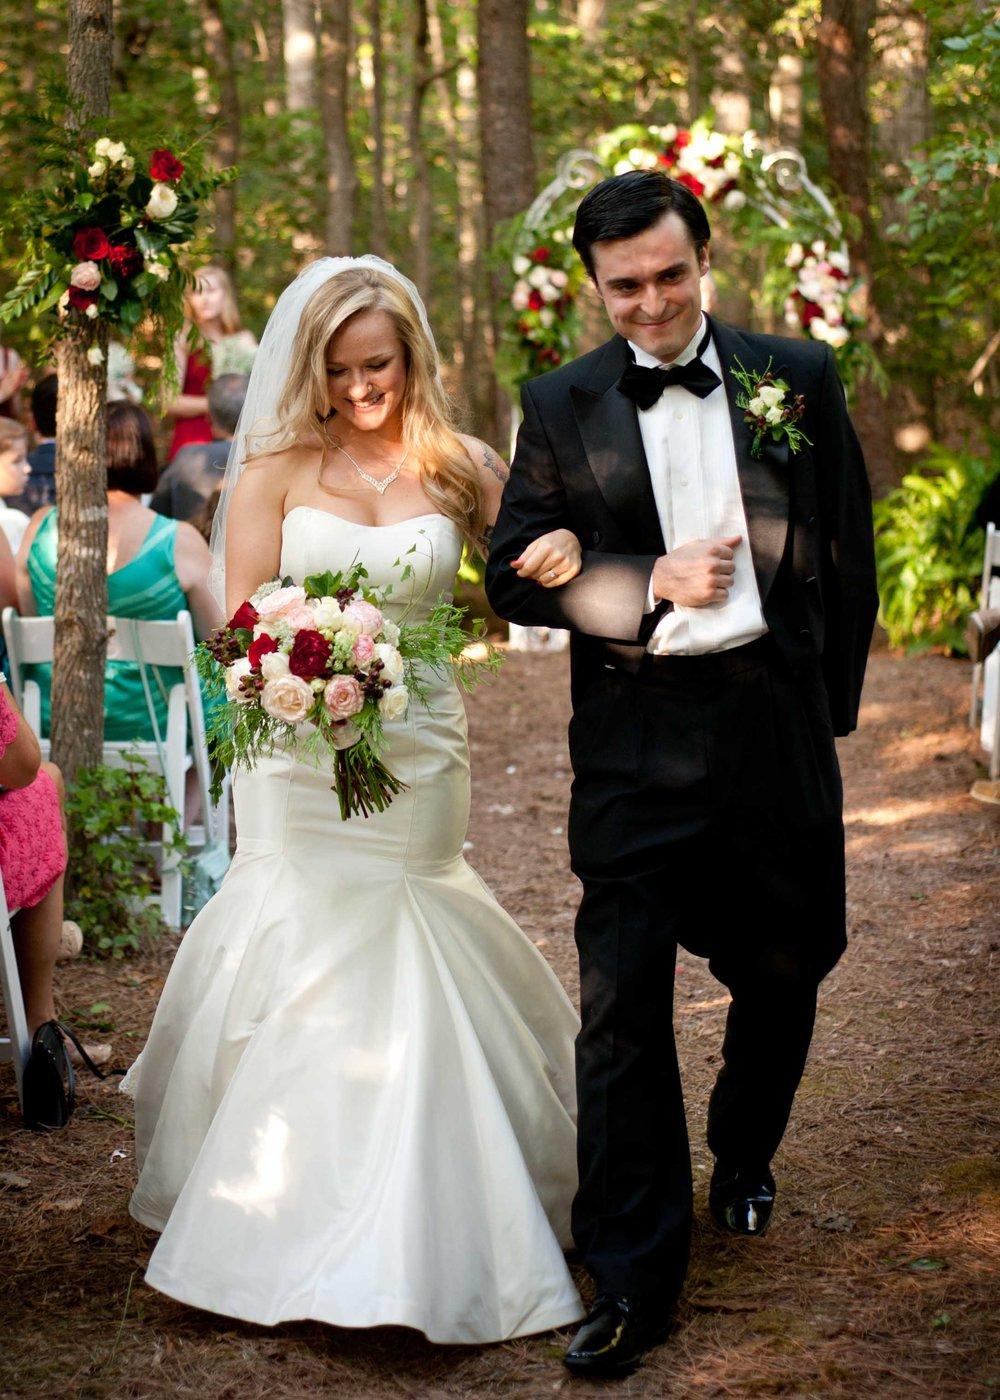 wedding ceremony recessional bride groom .jpg